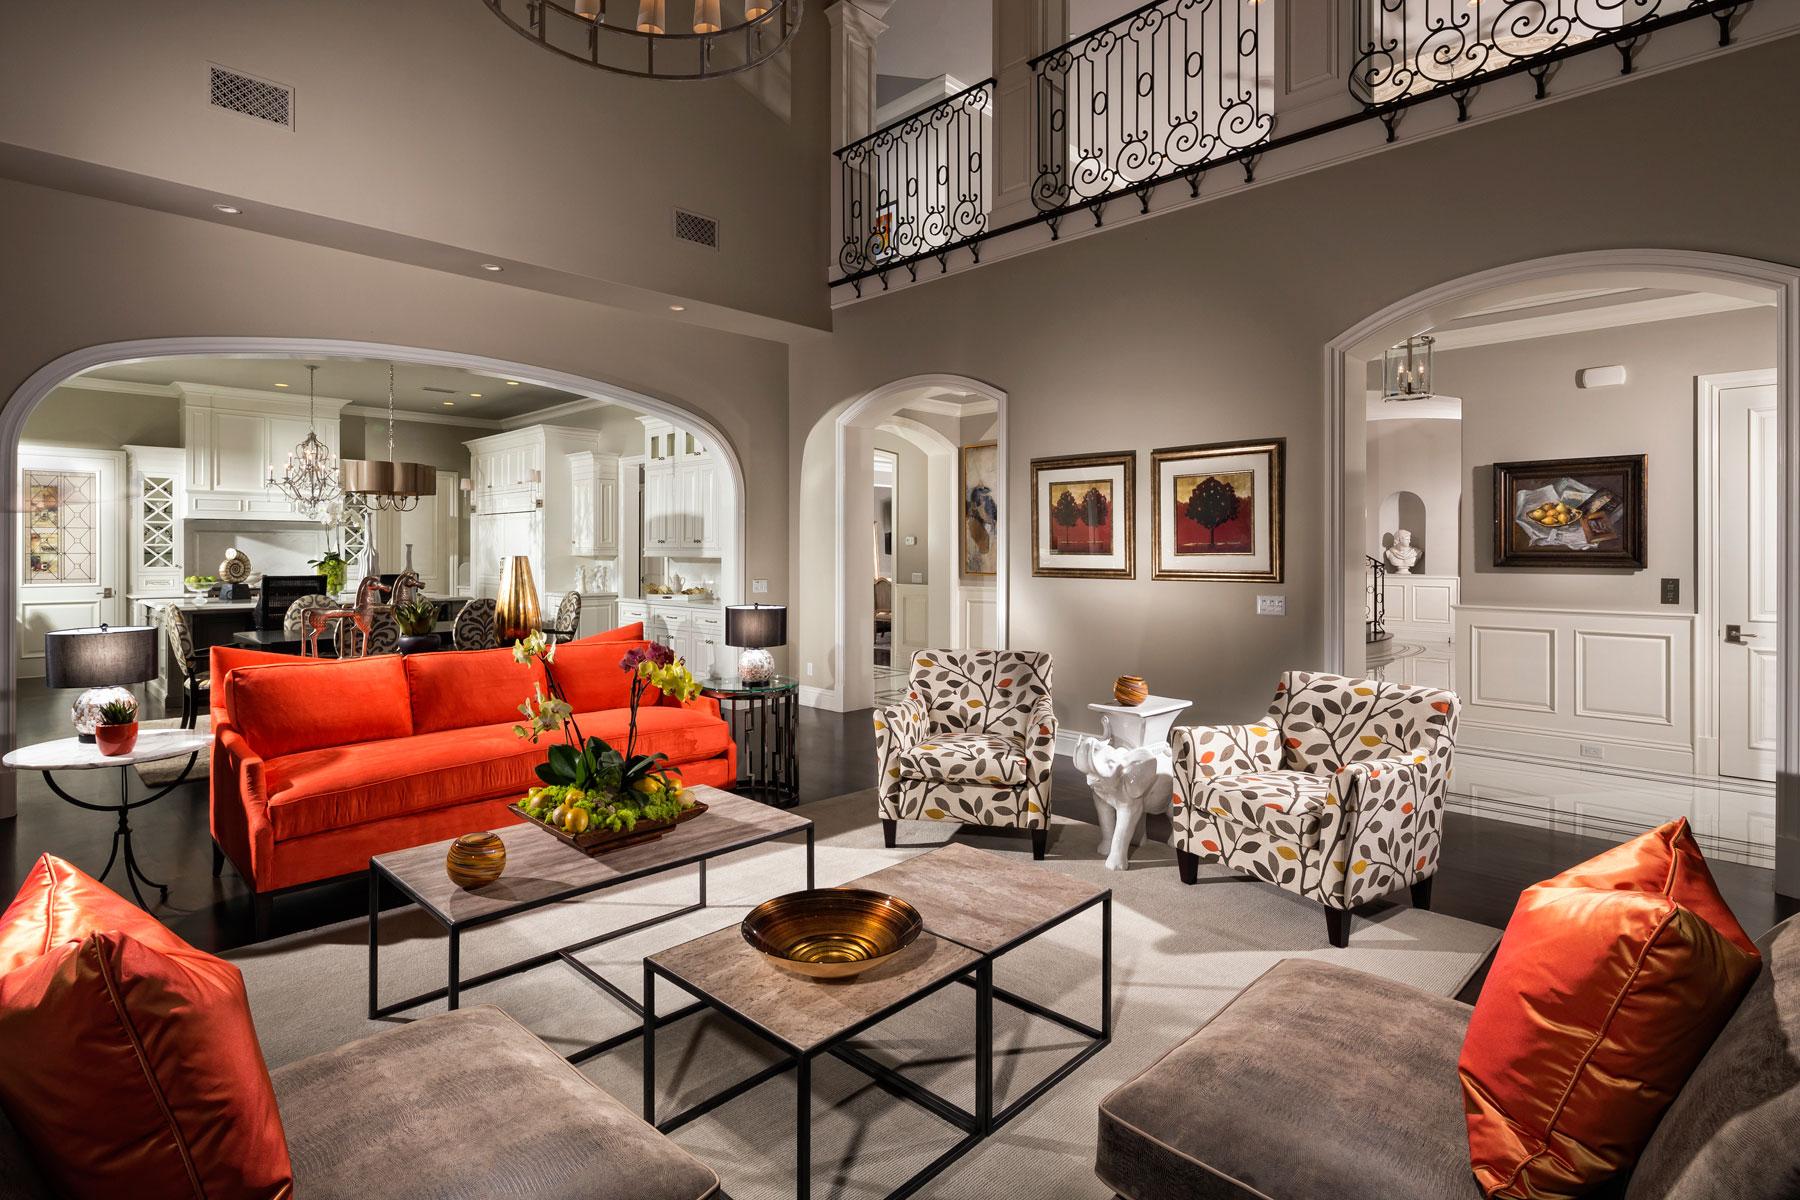 Оранжевый диван в интерьере частного дома